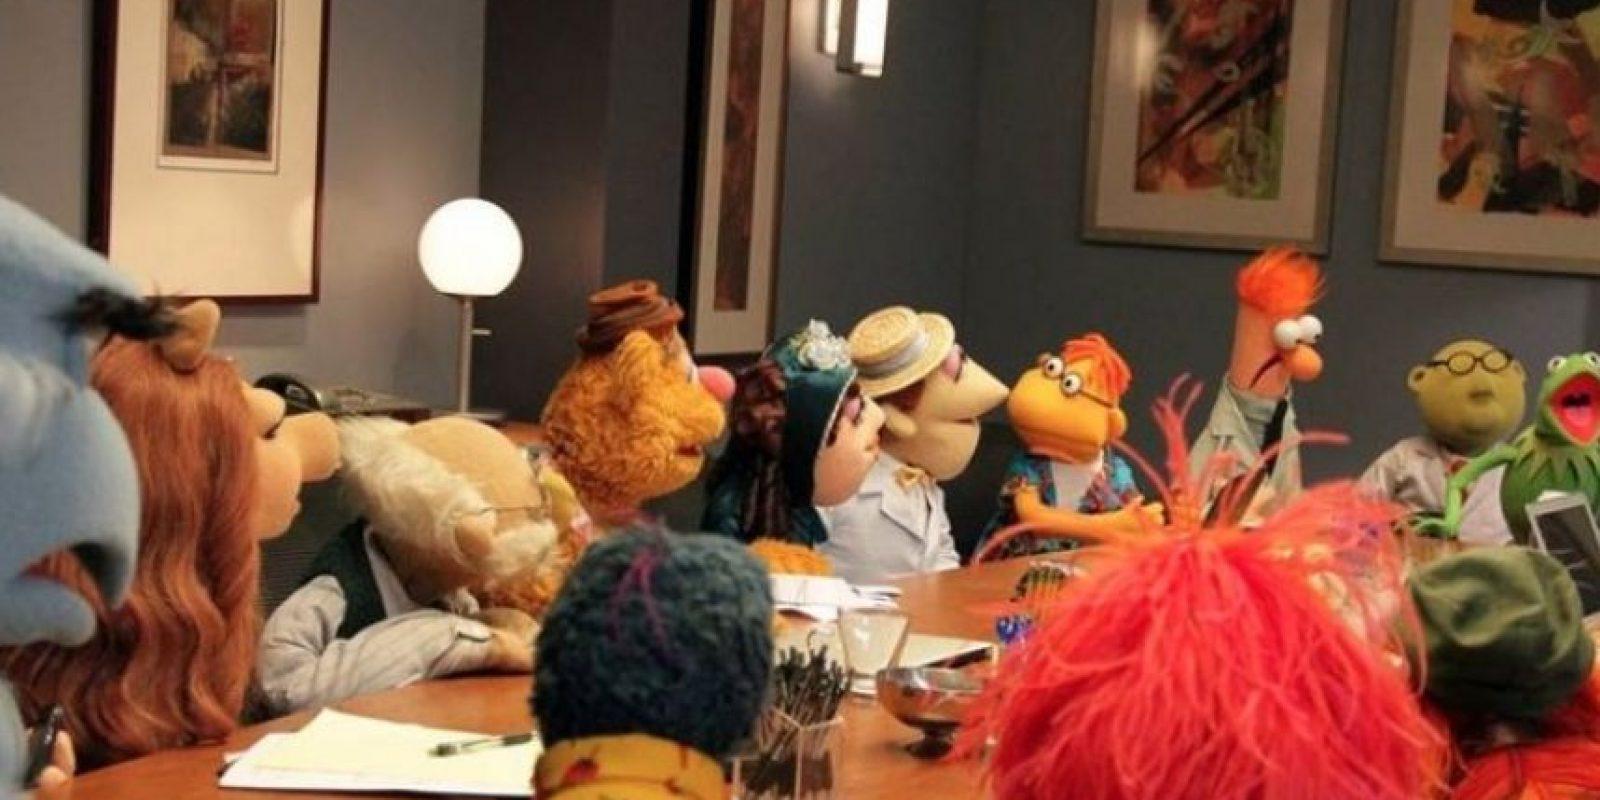 """""""Kermit"""" conoció a """"Denise"""" en las instalaciones de la cadena de televisión ABC. Foto: Facebook/KermittheFrog"""